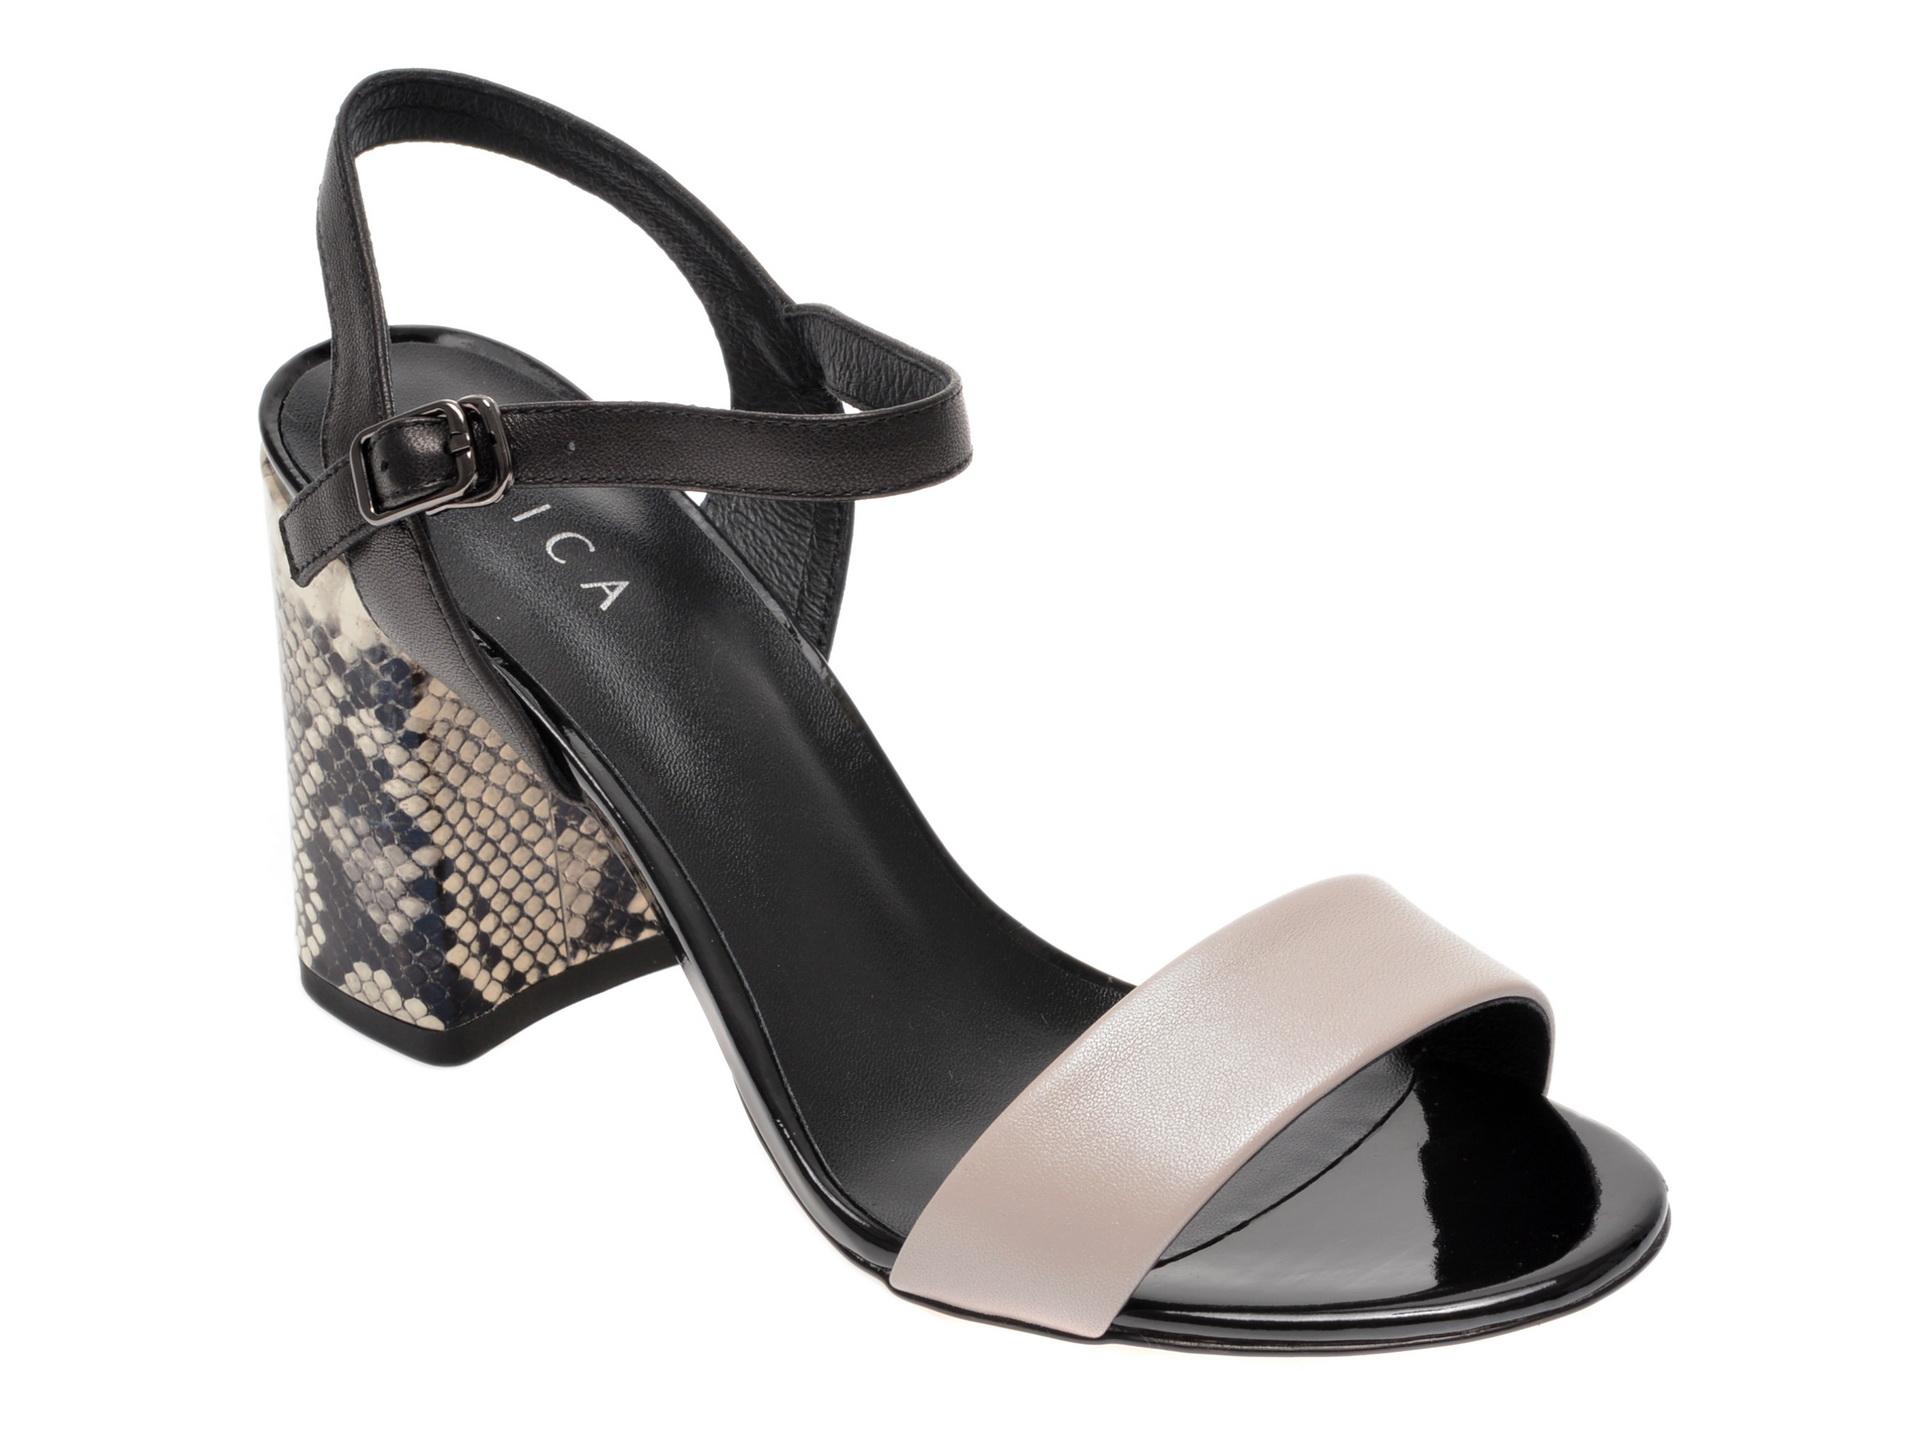 Sandale EPICA gri, 8D1149G, din piele naturala